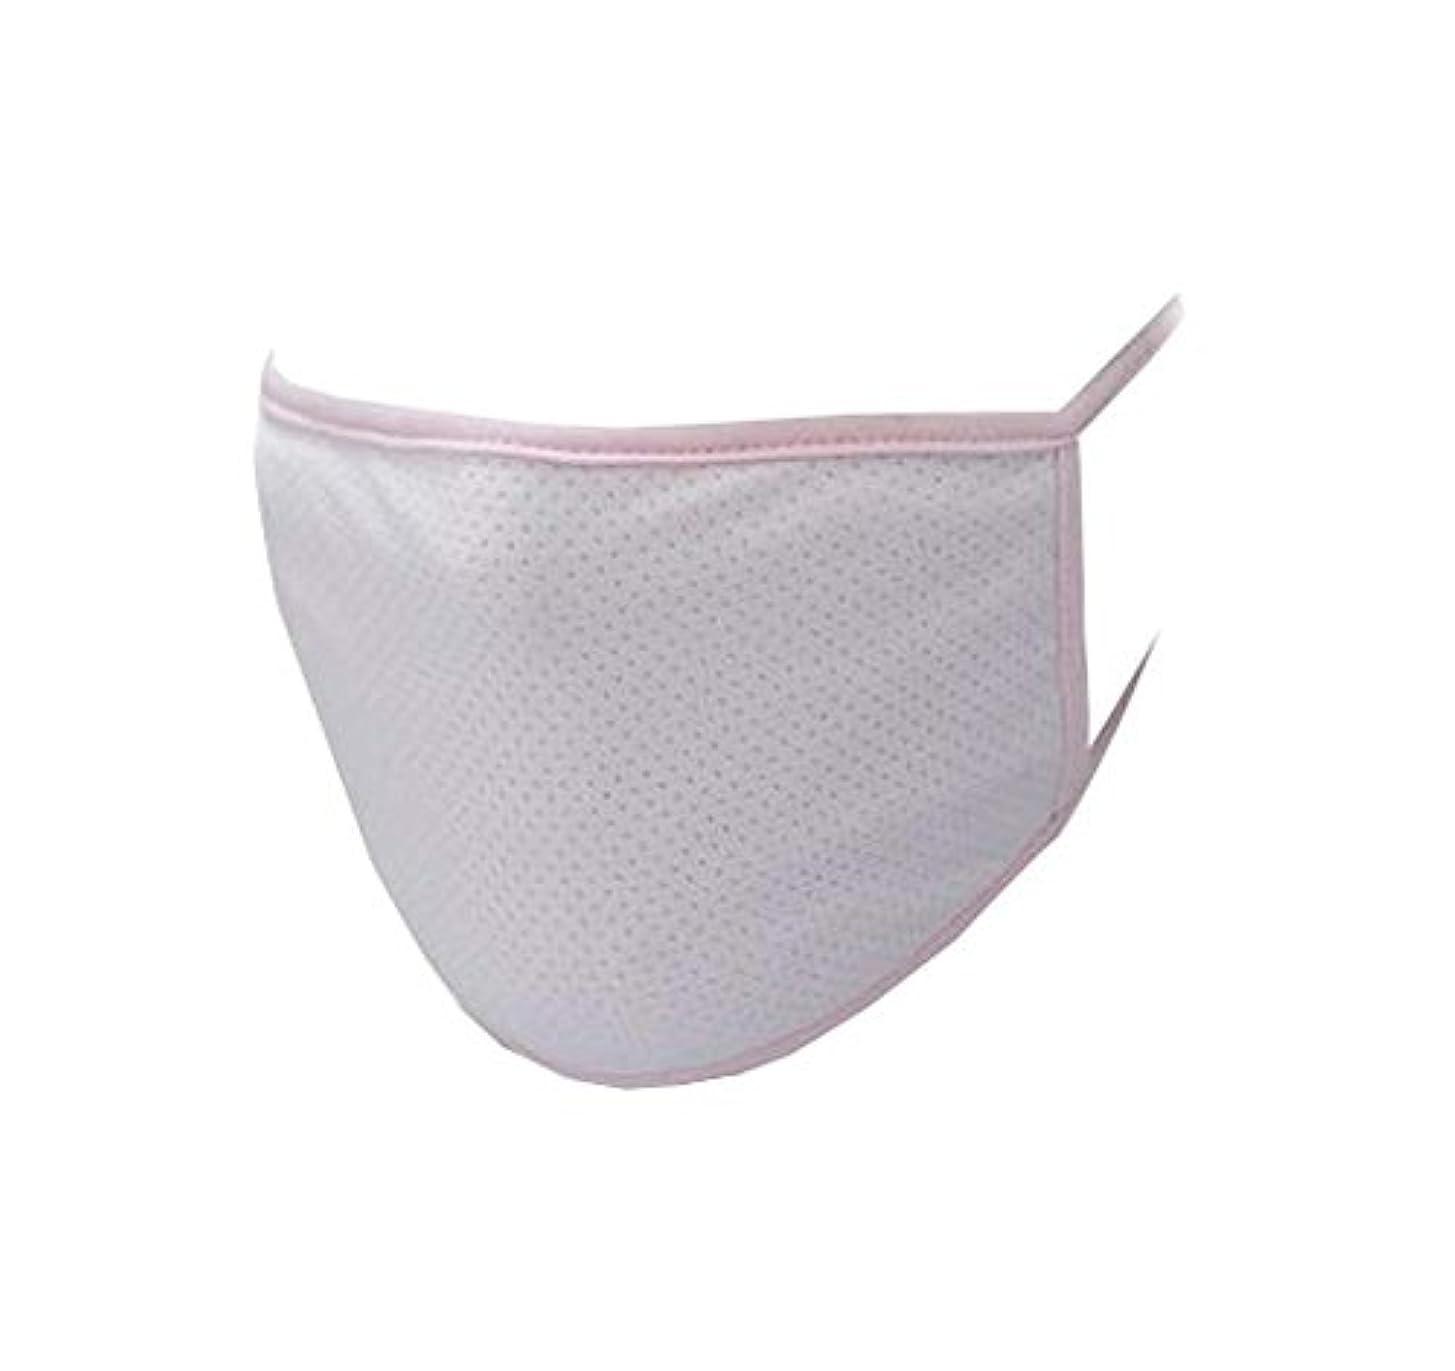 どう?道を作る無能口マスク、再使用可能フィルター - 埃、花粉、アレルゲン、抗UV、およびインフルエンザ菌 - D